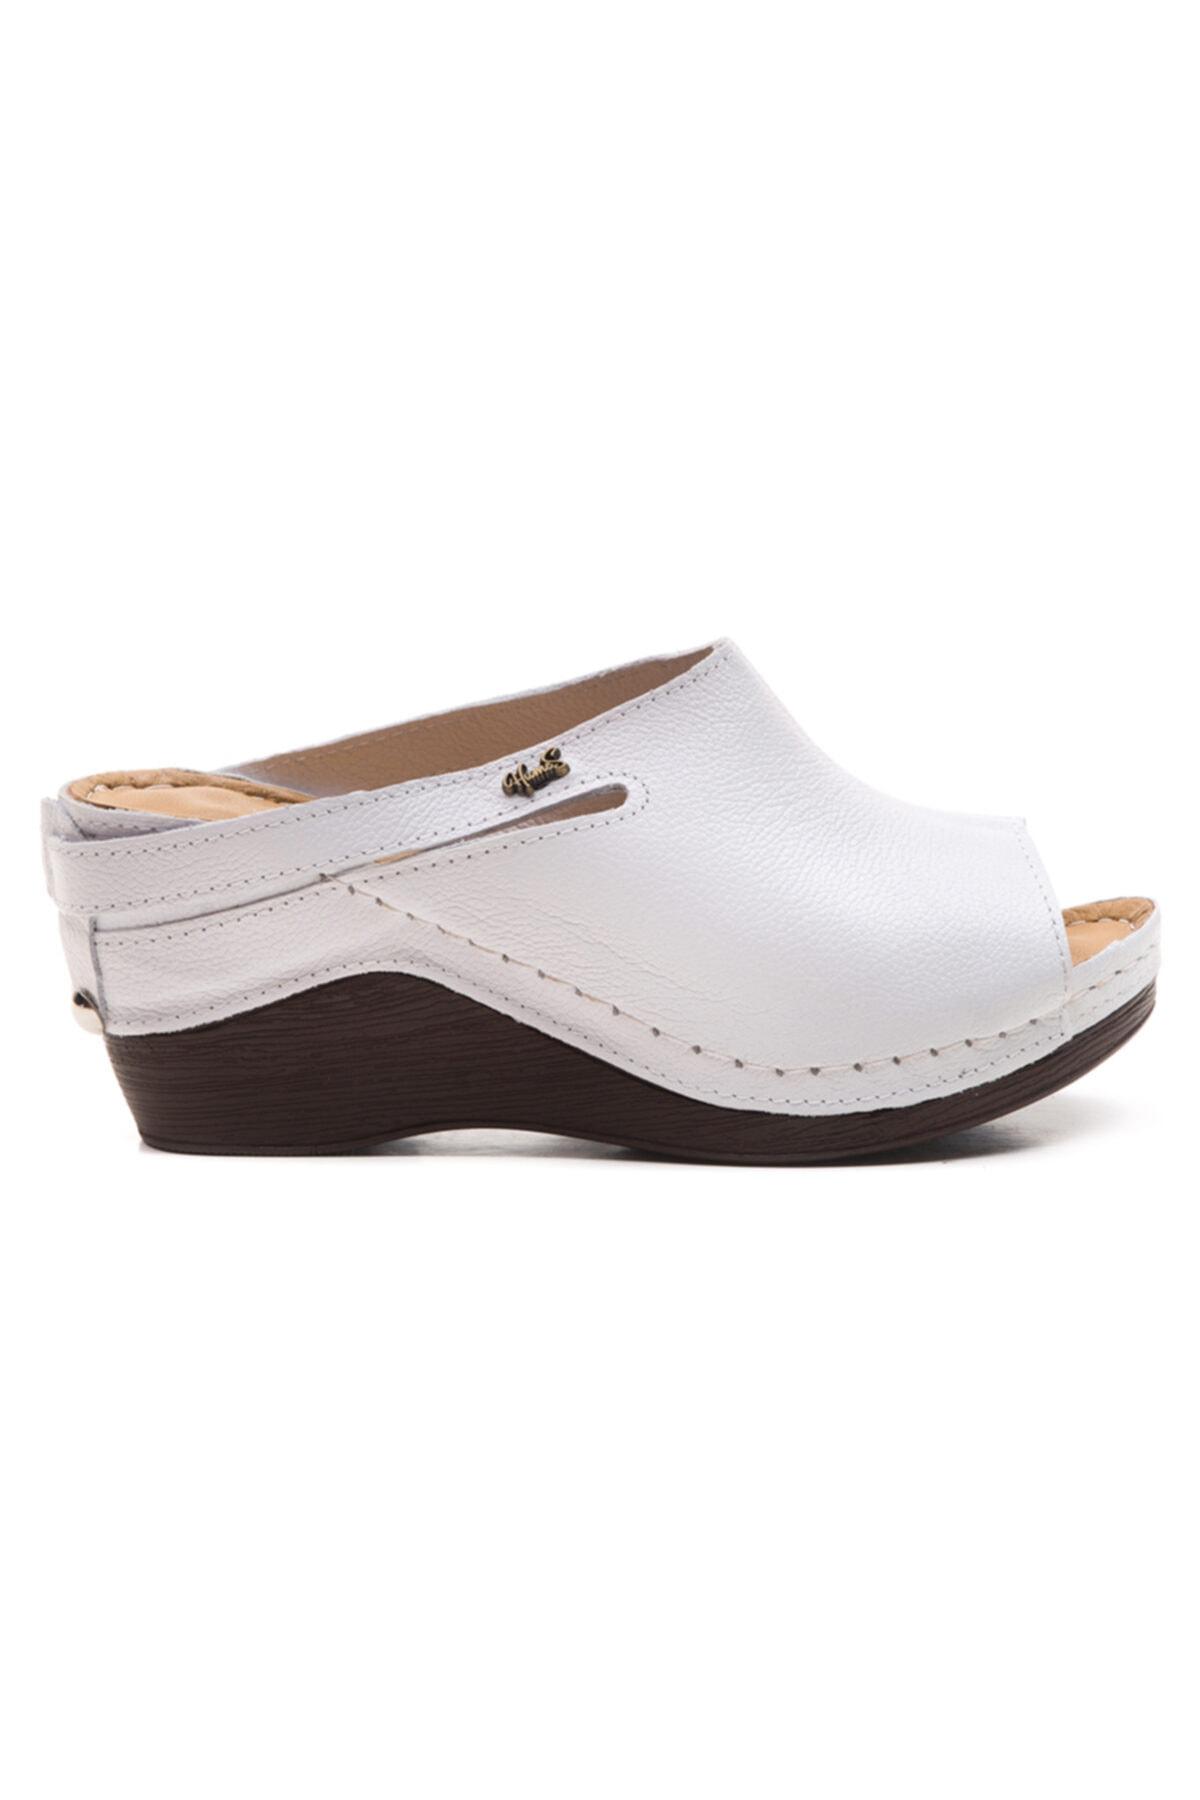 LuviShoes 1001 Beyaz Kadın Terlik